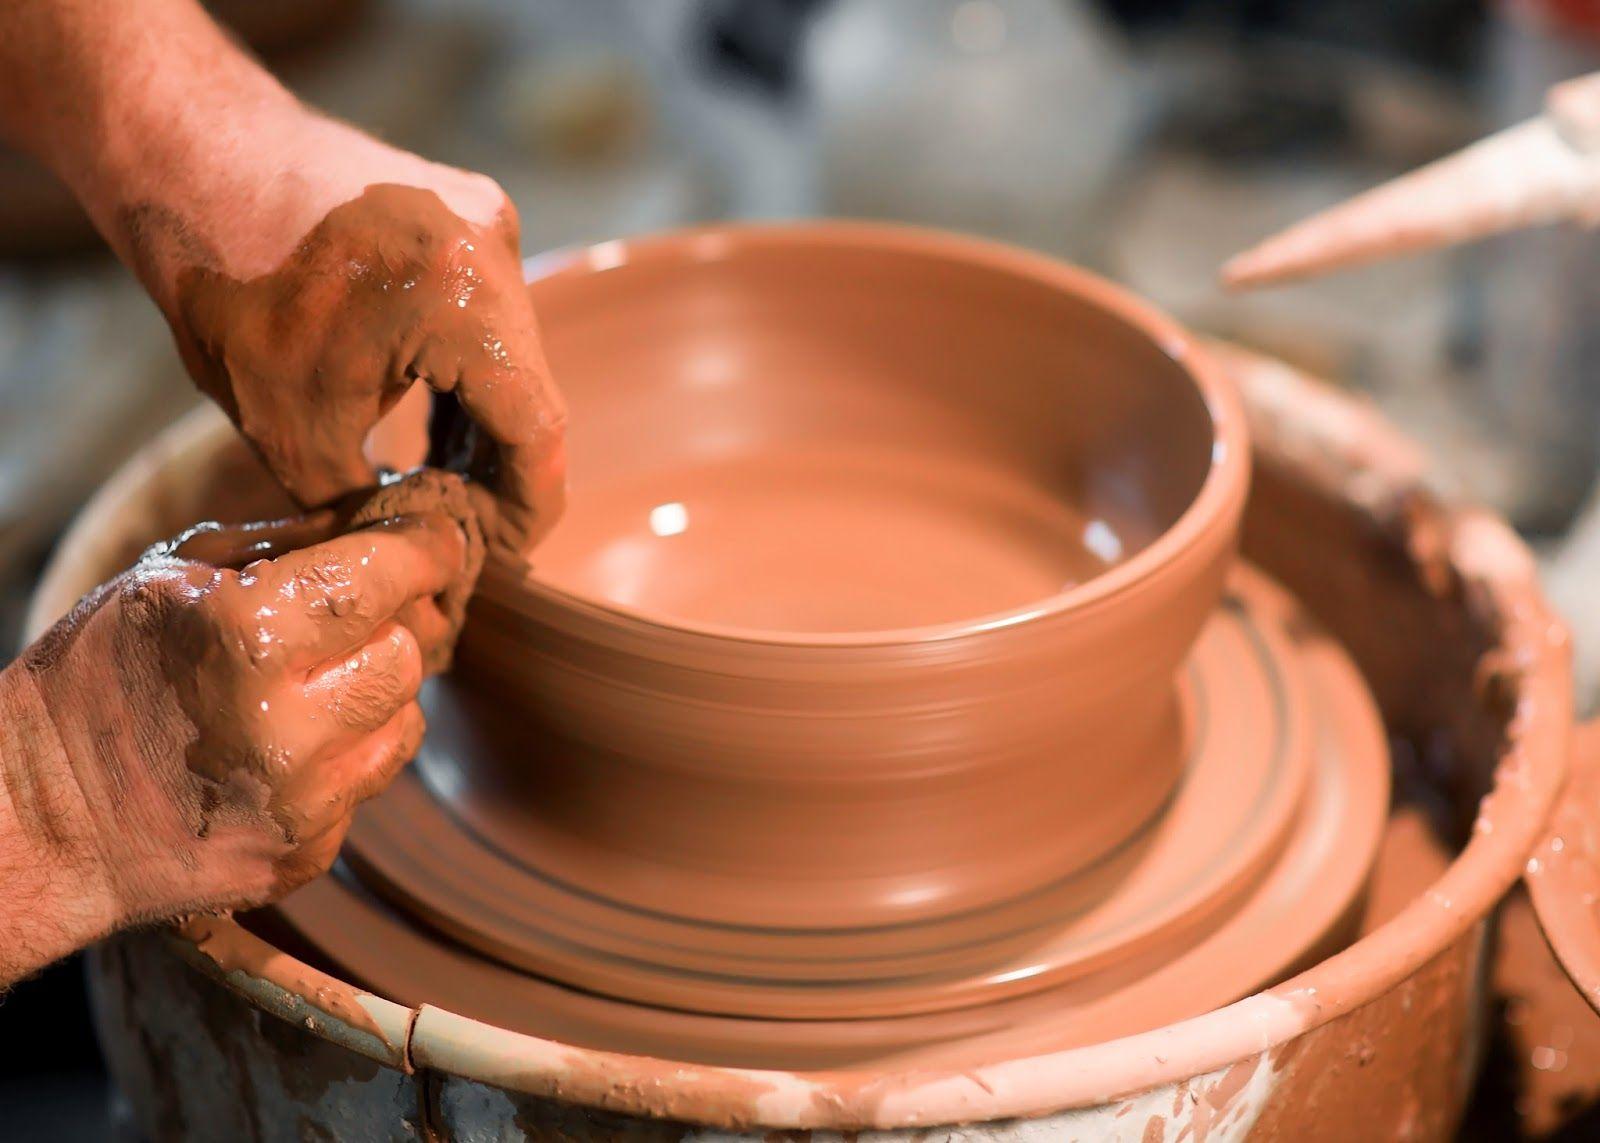 фото на керамику как сделать выходит